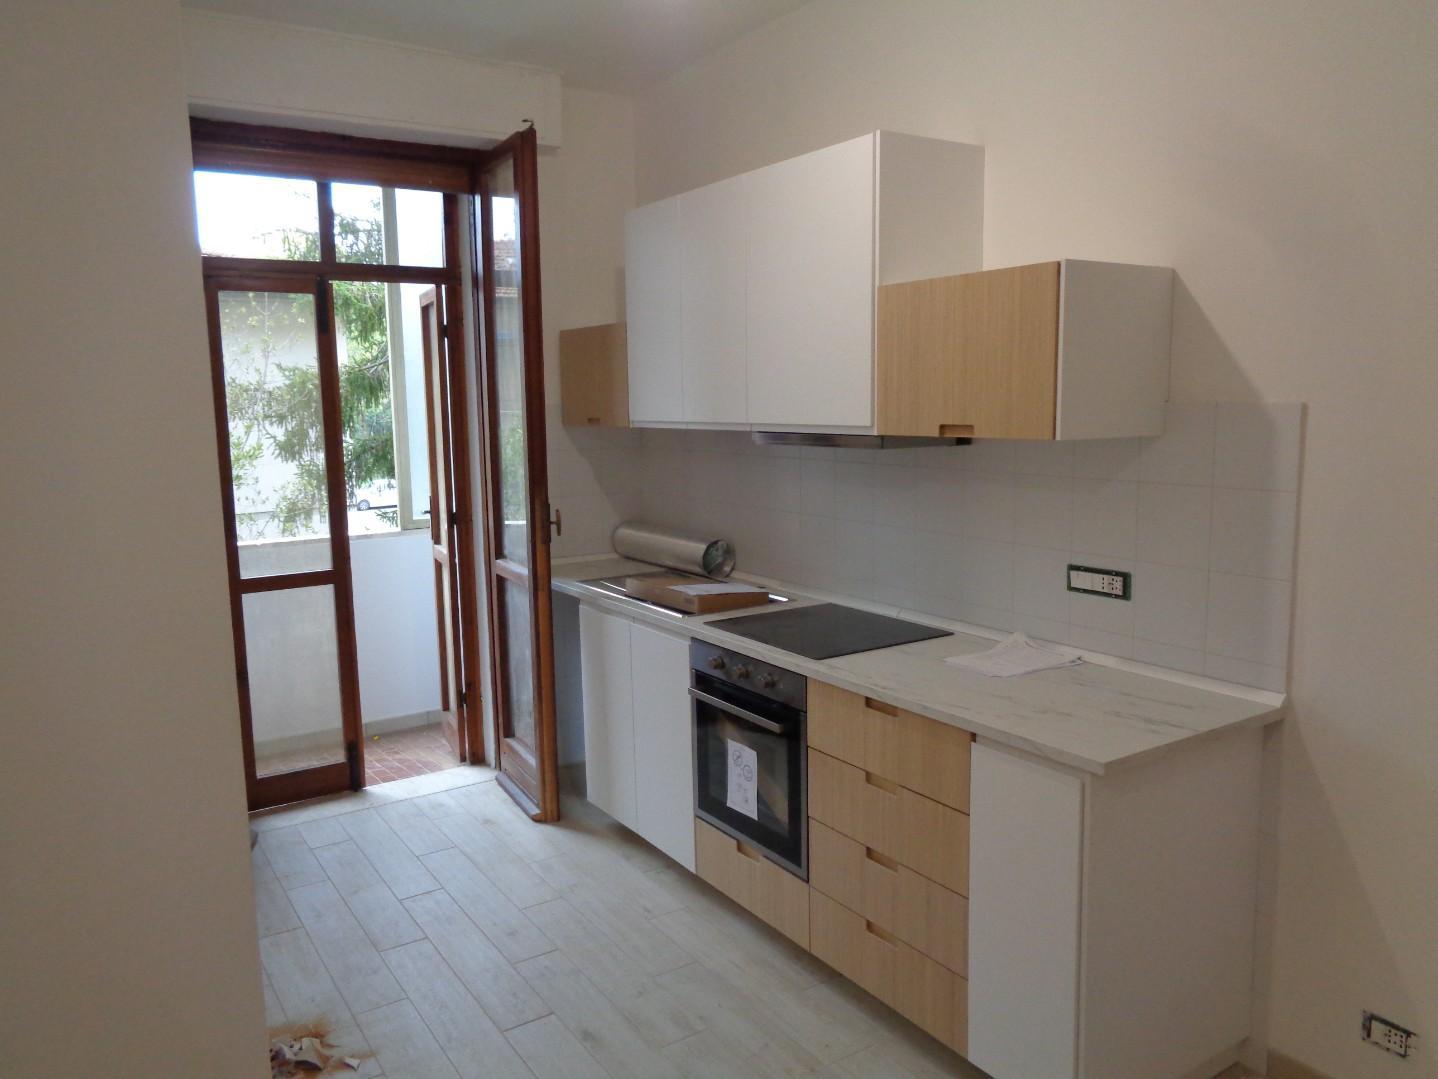 Appartamento in affitto a Pisa, 3 locali, prezzo € 700 | CambioCasa.it